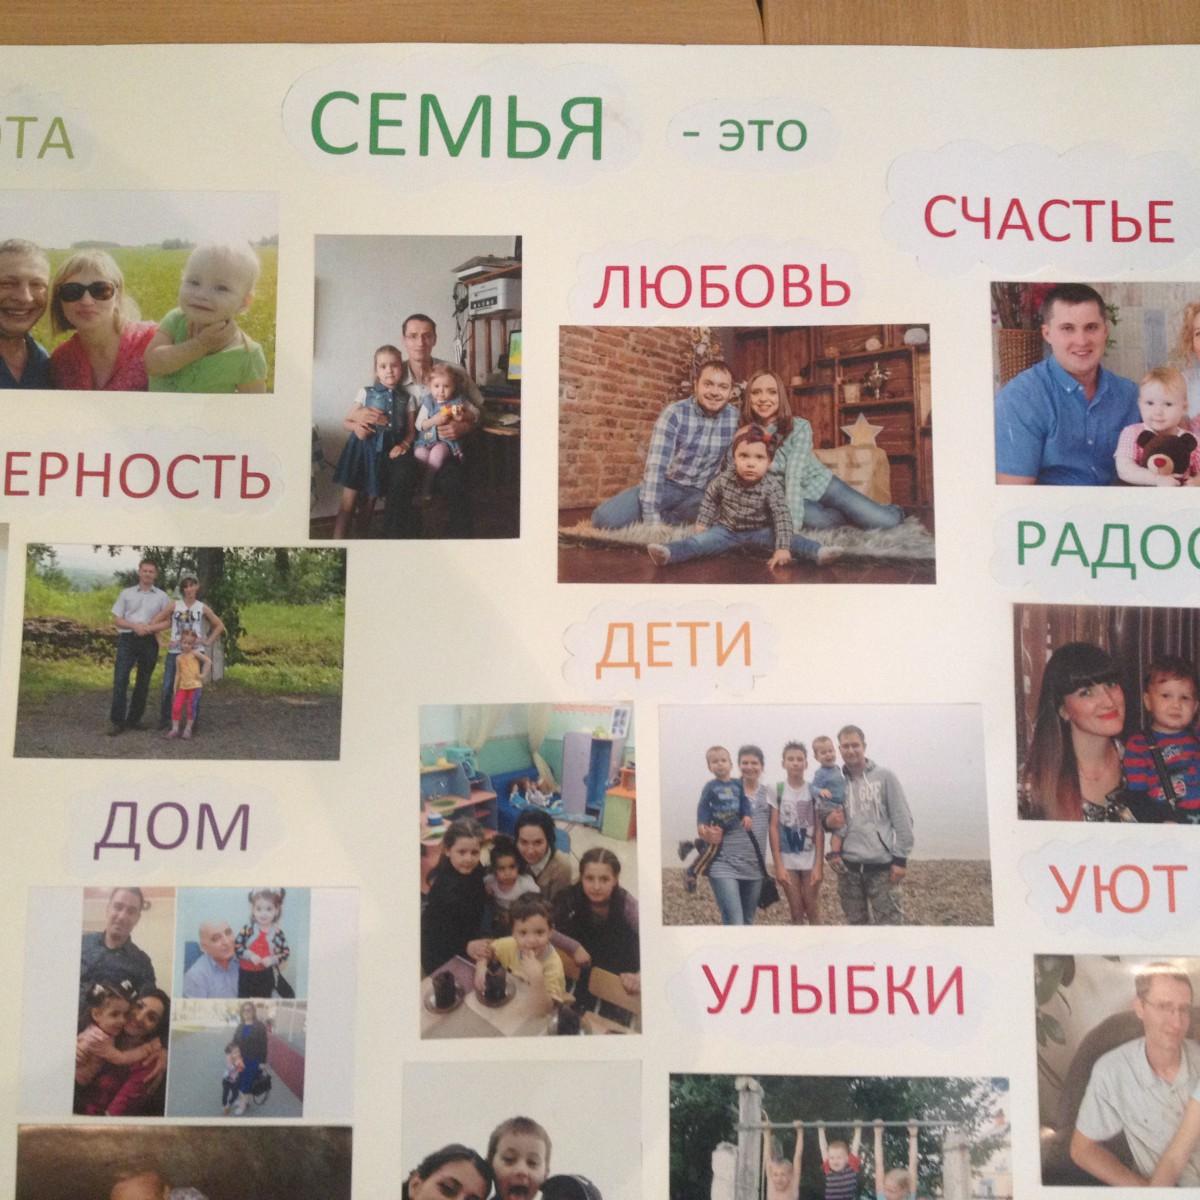 фоторепортаж о моей семье тренировках